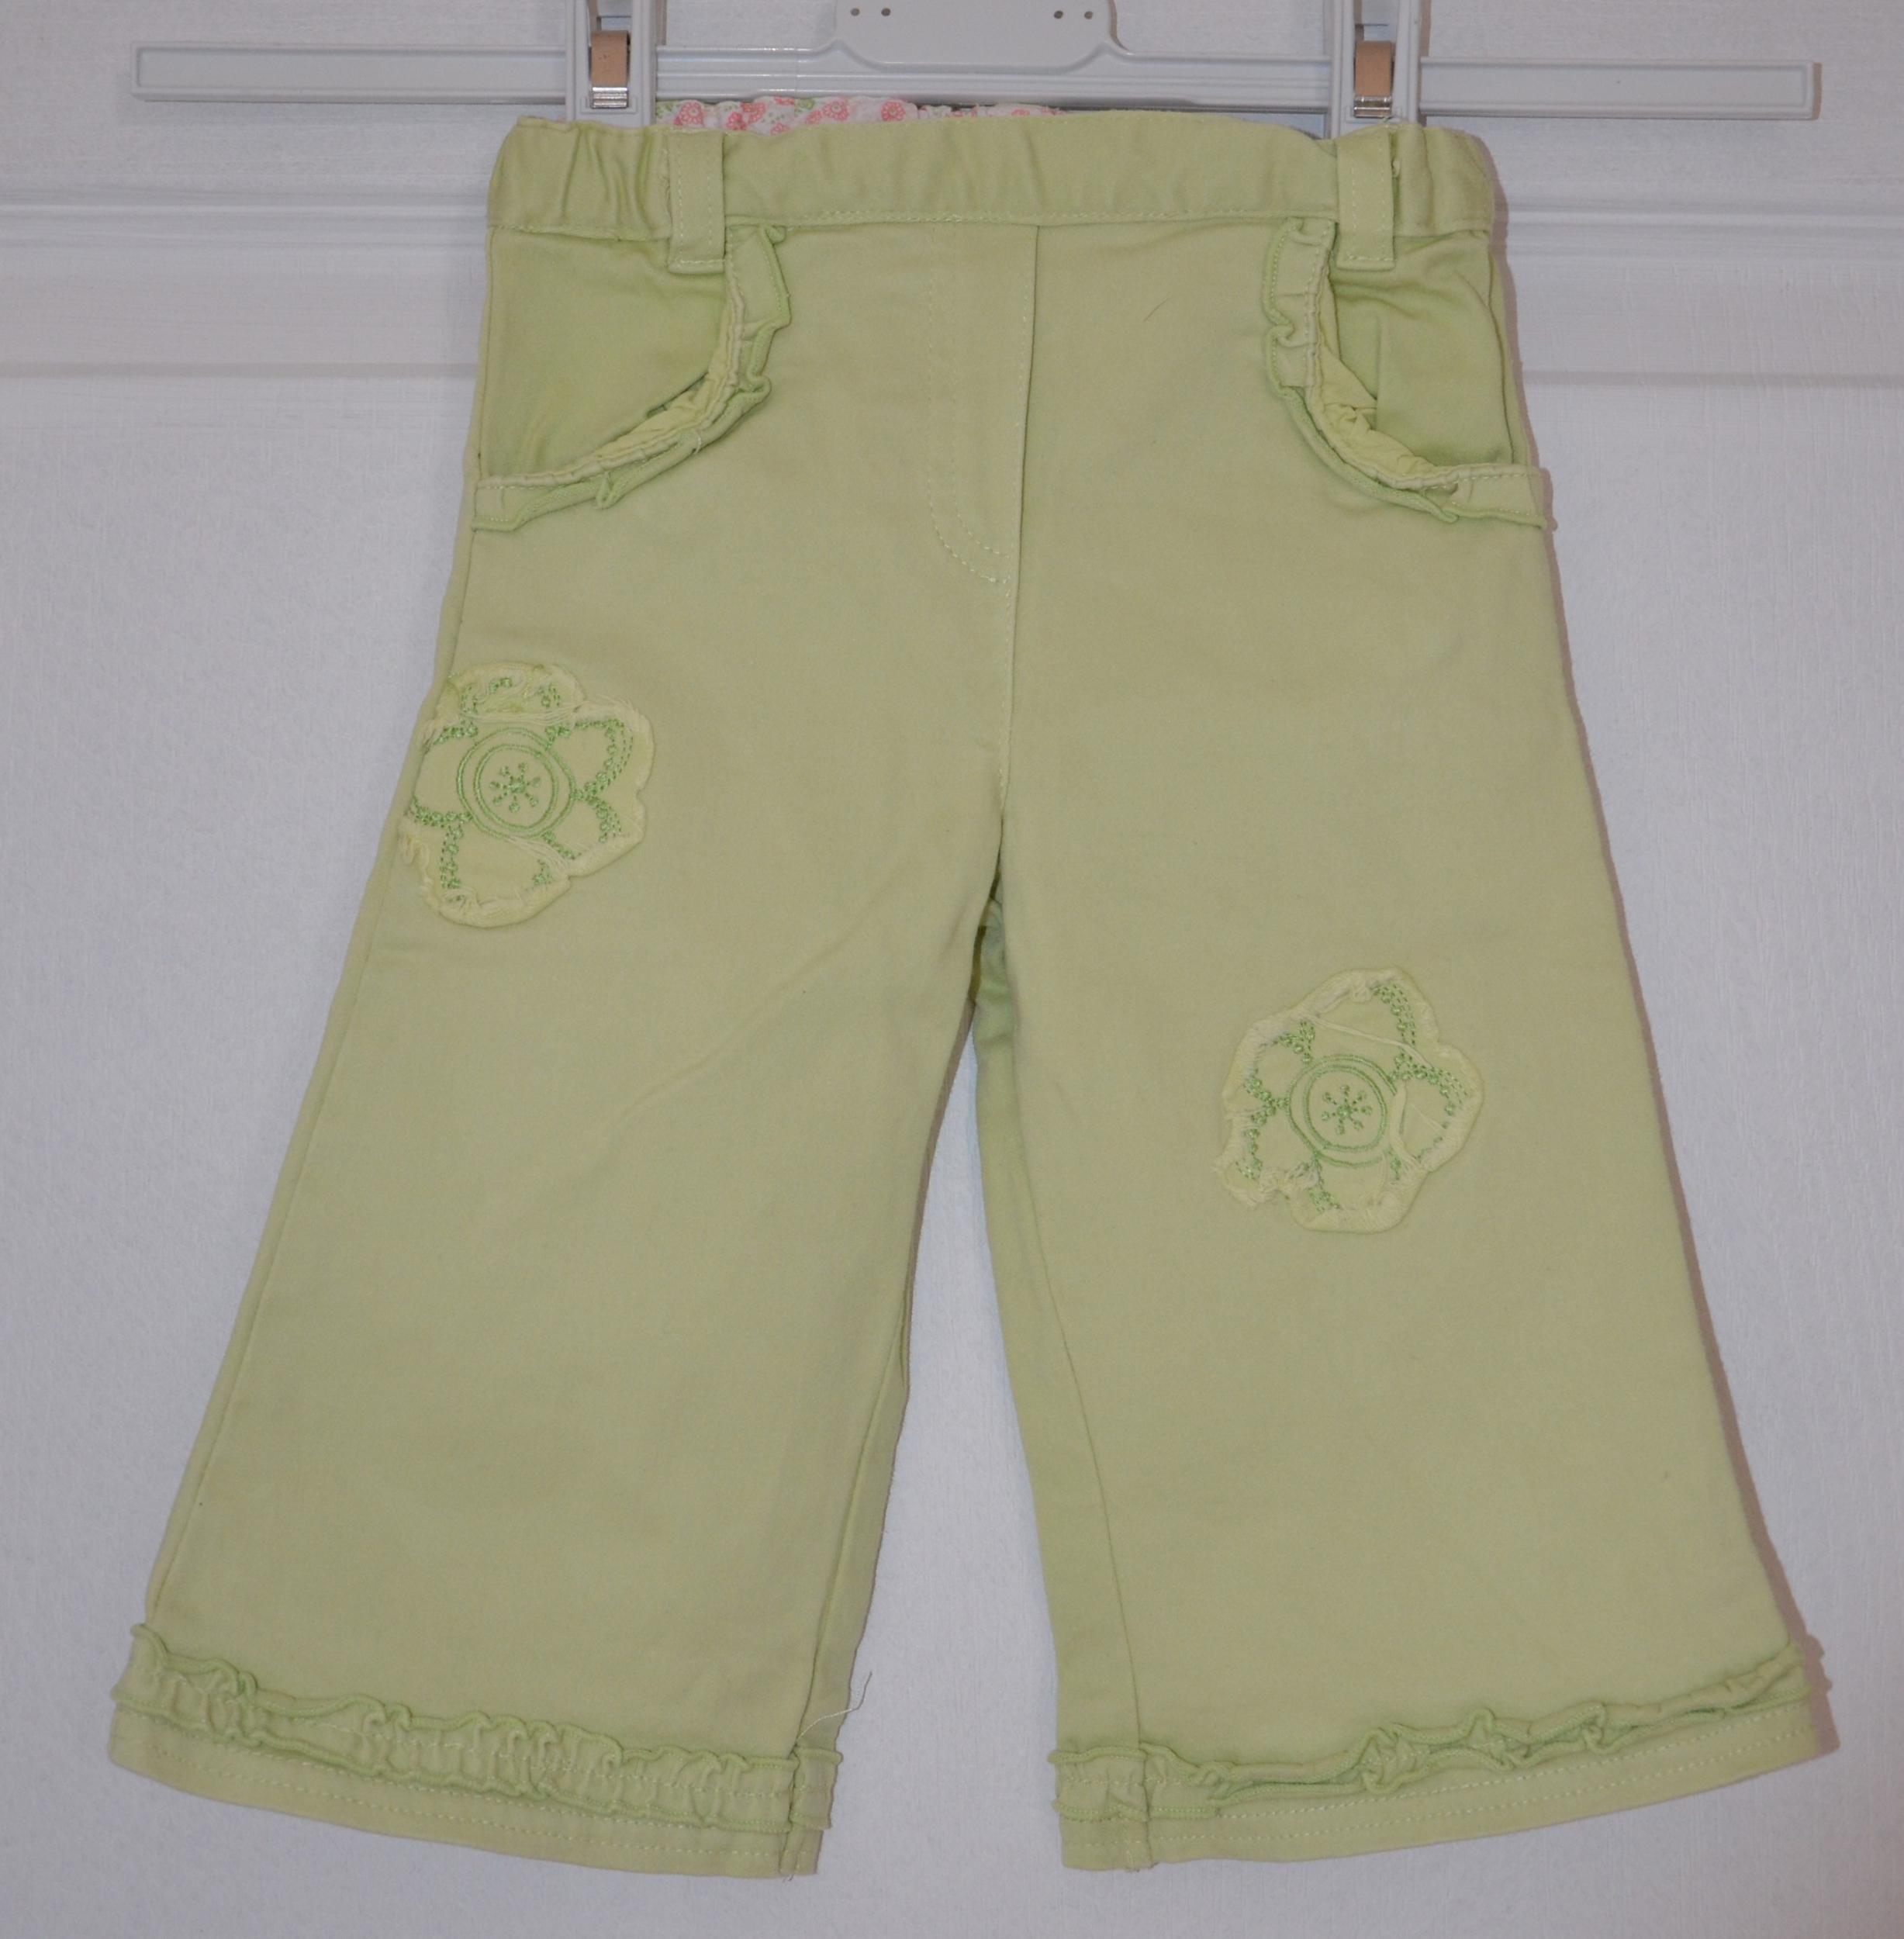 pantalon fille 6 mois tout compte fait vert